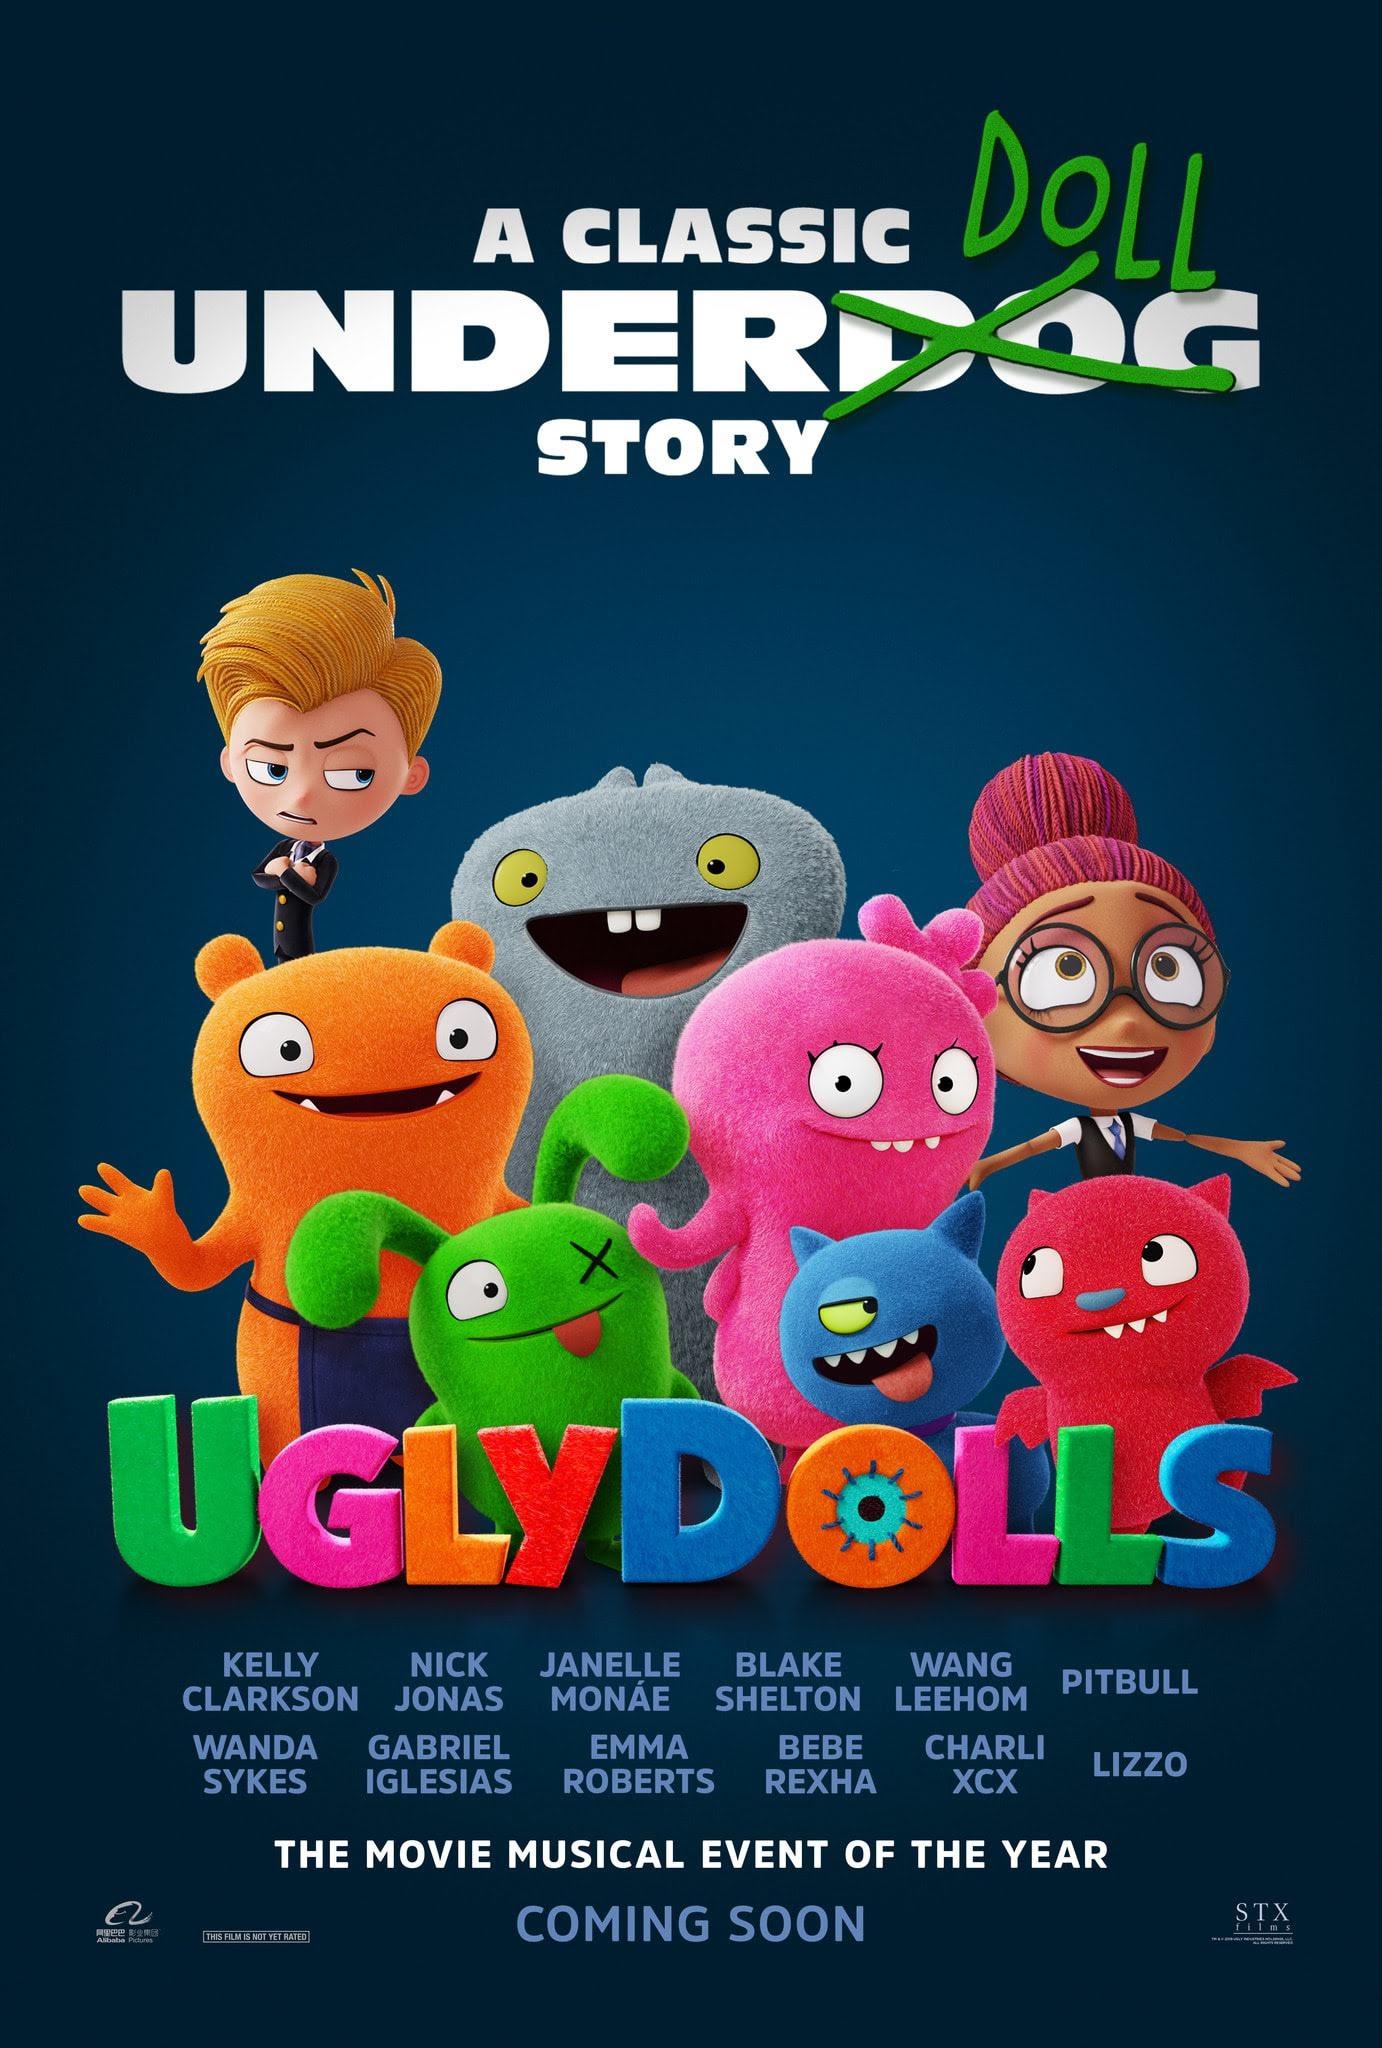 Box Office : 5月3日~5日の全米映画ボックスオフィスTOP5 - 歴史的大ヒットの「アベンジャーズ」を相手に、アフリカ系のチープなスリラー「ジ・イントルーダー」が、製作費に見合った思いがけないヒットの第2位に躍り出た一方、ロバート・ロドリゲス監督が仕掛け人の児童向けアニメ「アグリードールズ」はタイトル通りのアグリーな惨敗の第4位 ! !